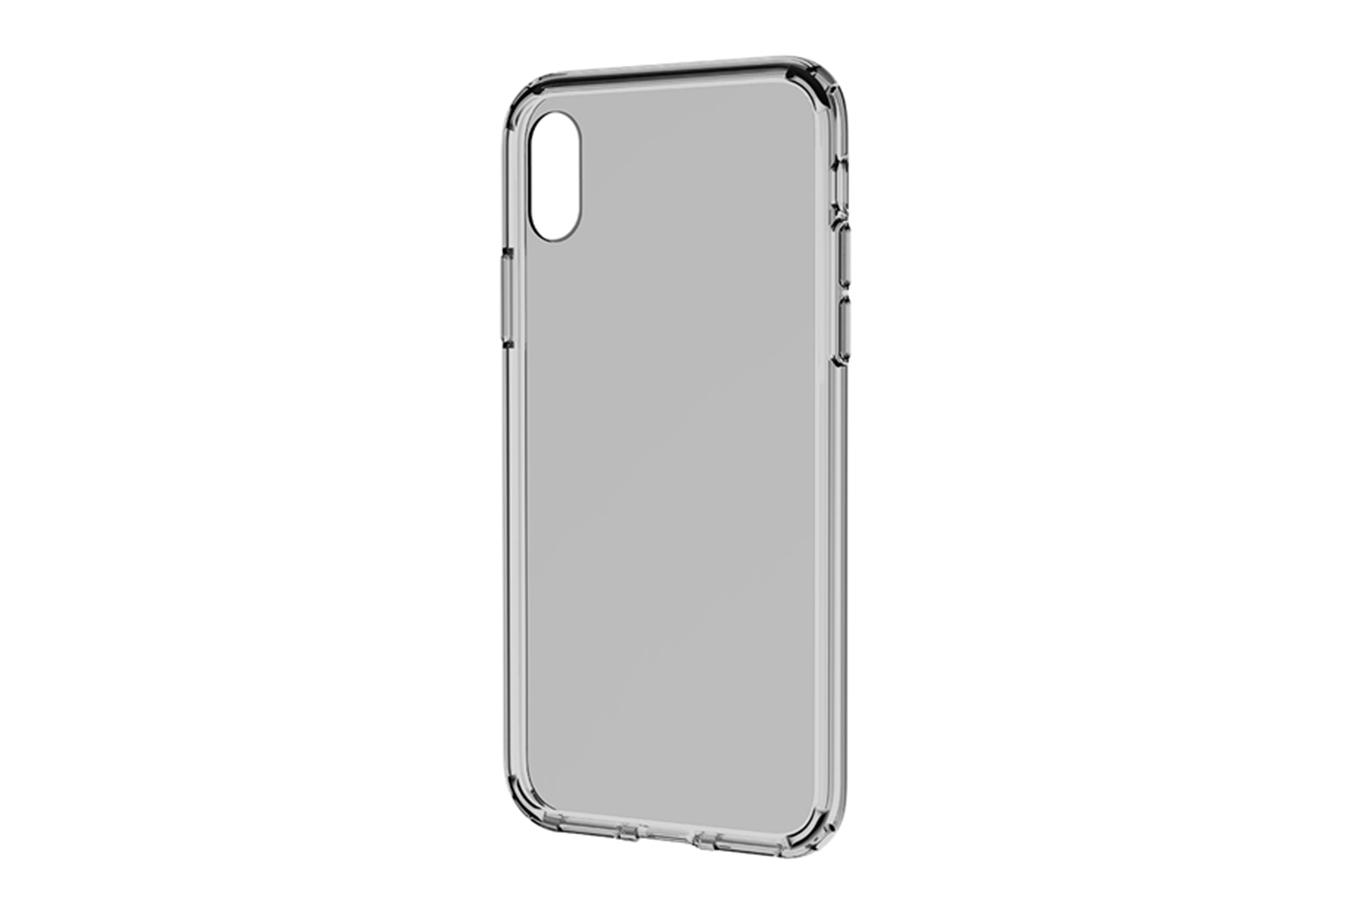 Купить Чехол-накладка ультратонкий 0.3mm для Apple iPhone XS Max силиконовый прозрачно-черный